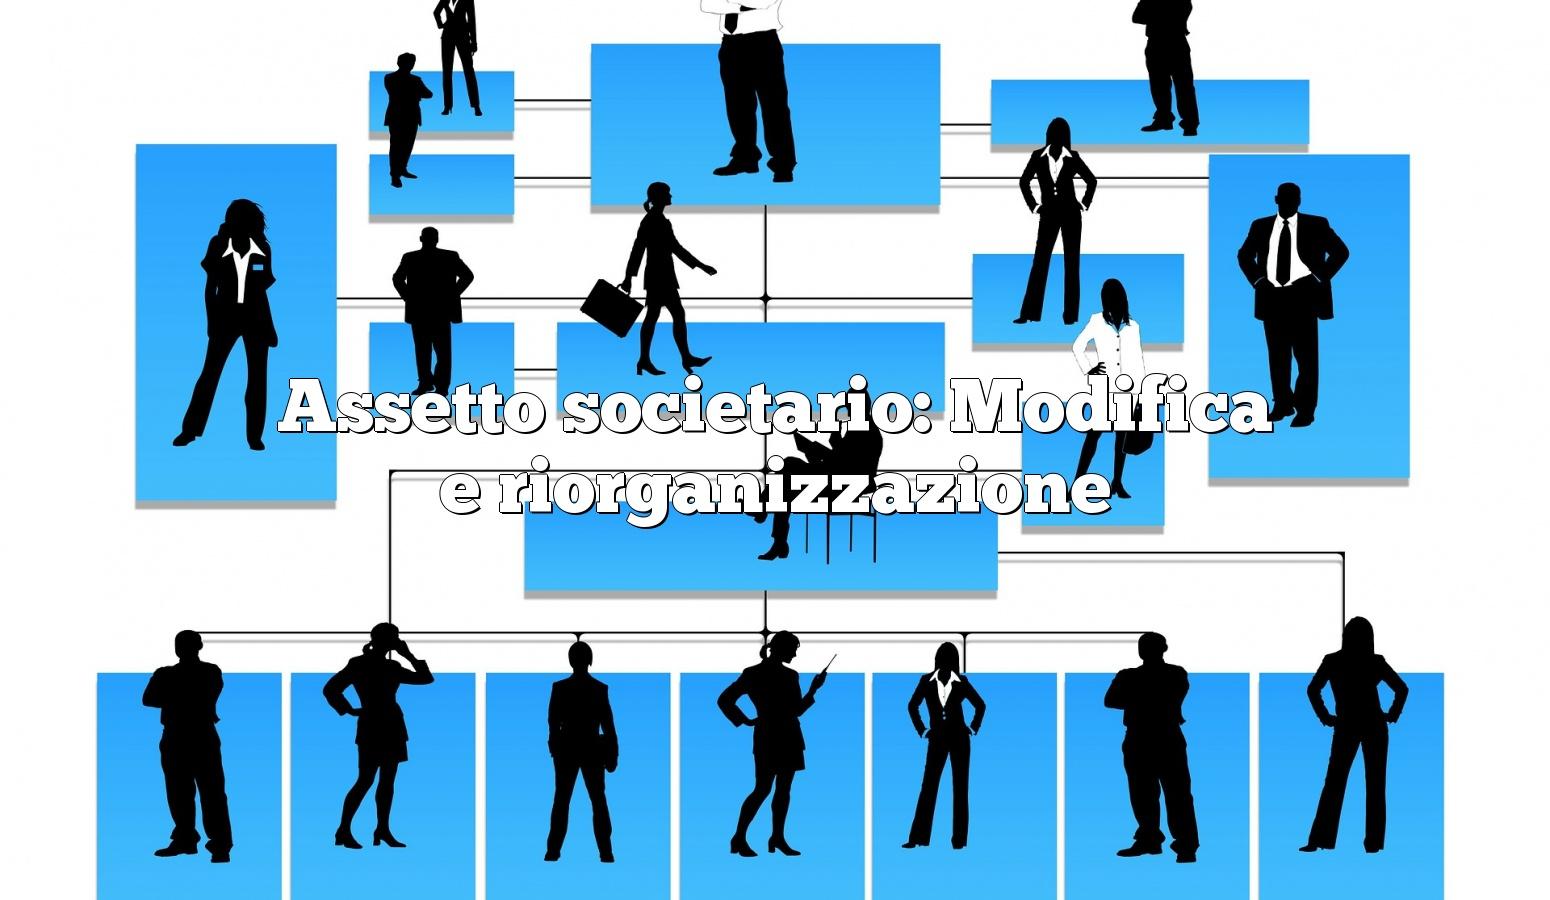 Assetto societario: Modifica e riorganizzazione